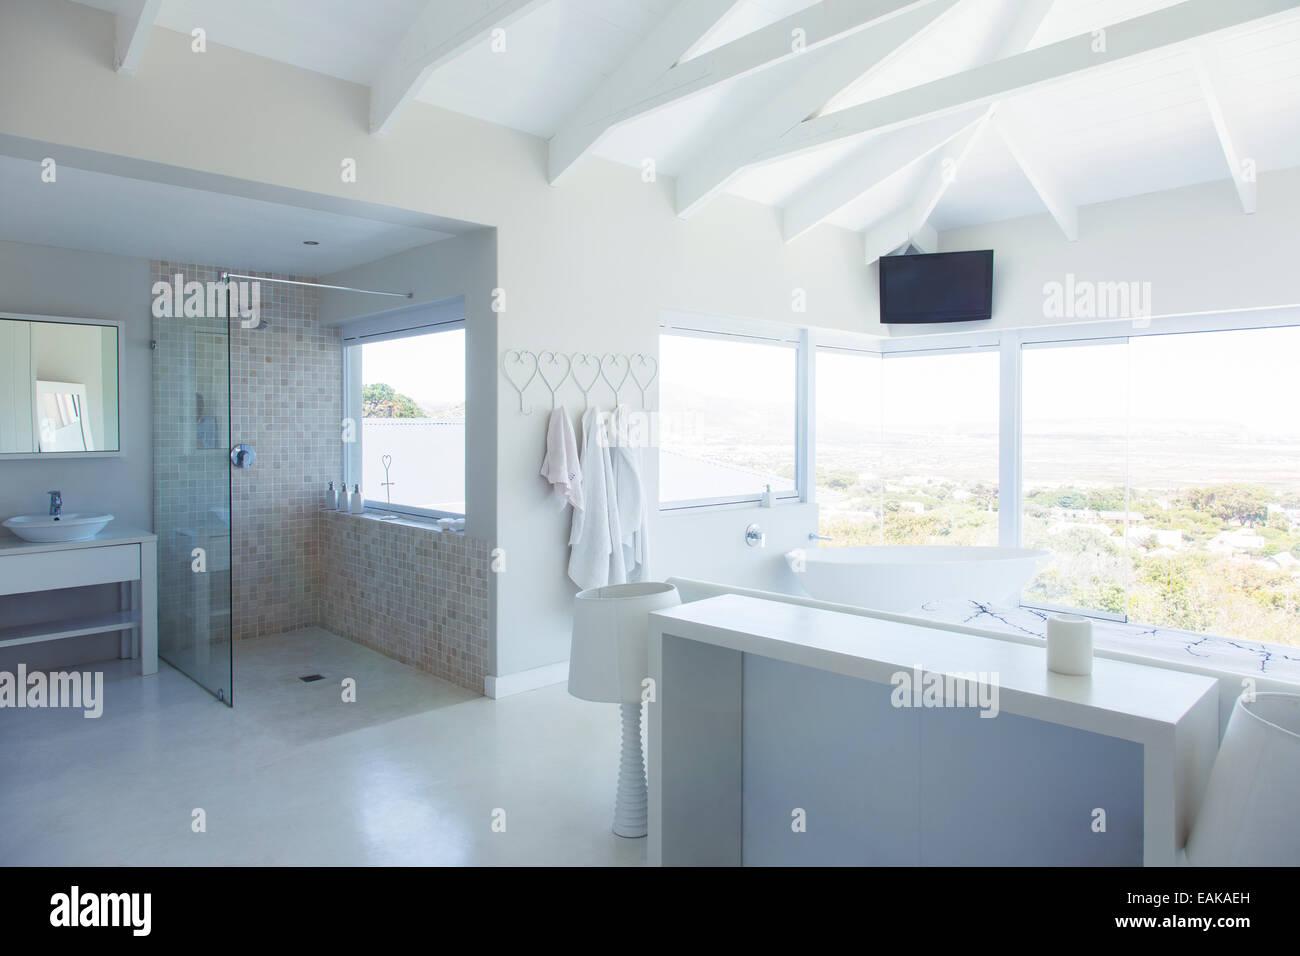 Salon De Bain Moderne salle de bains moderne blanc intérieur avec grande baignoire